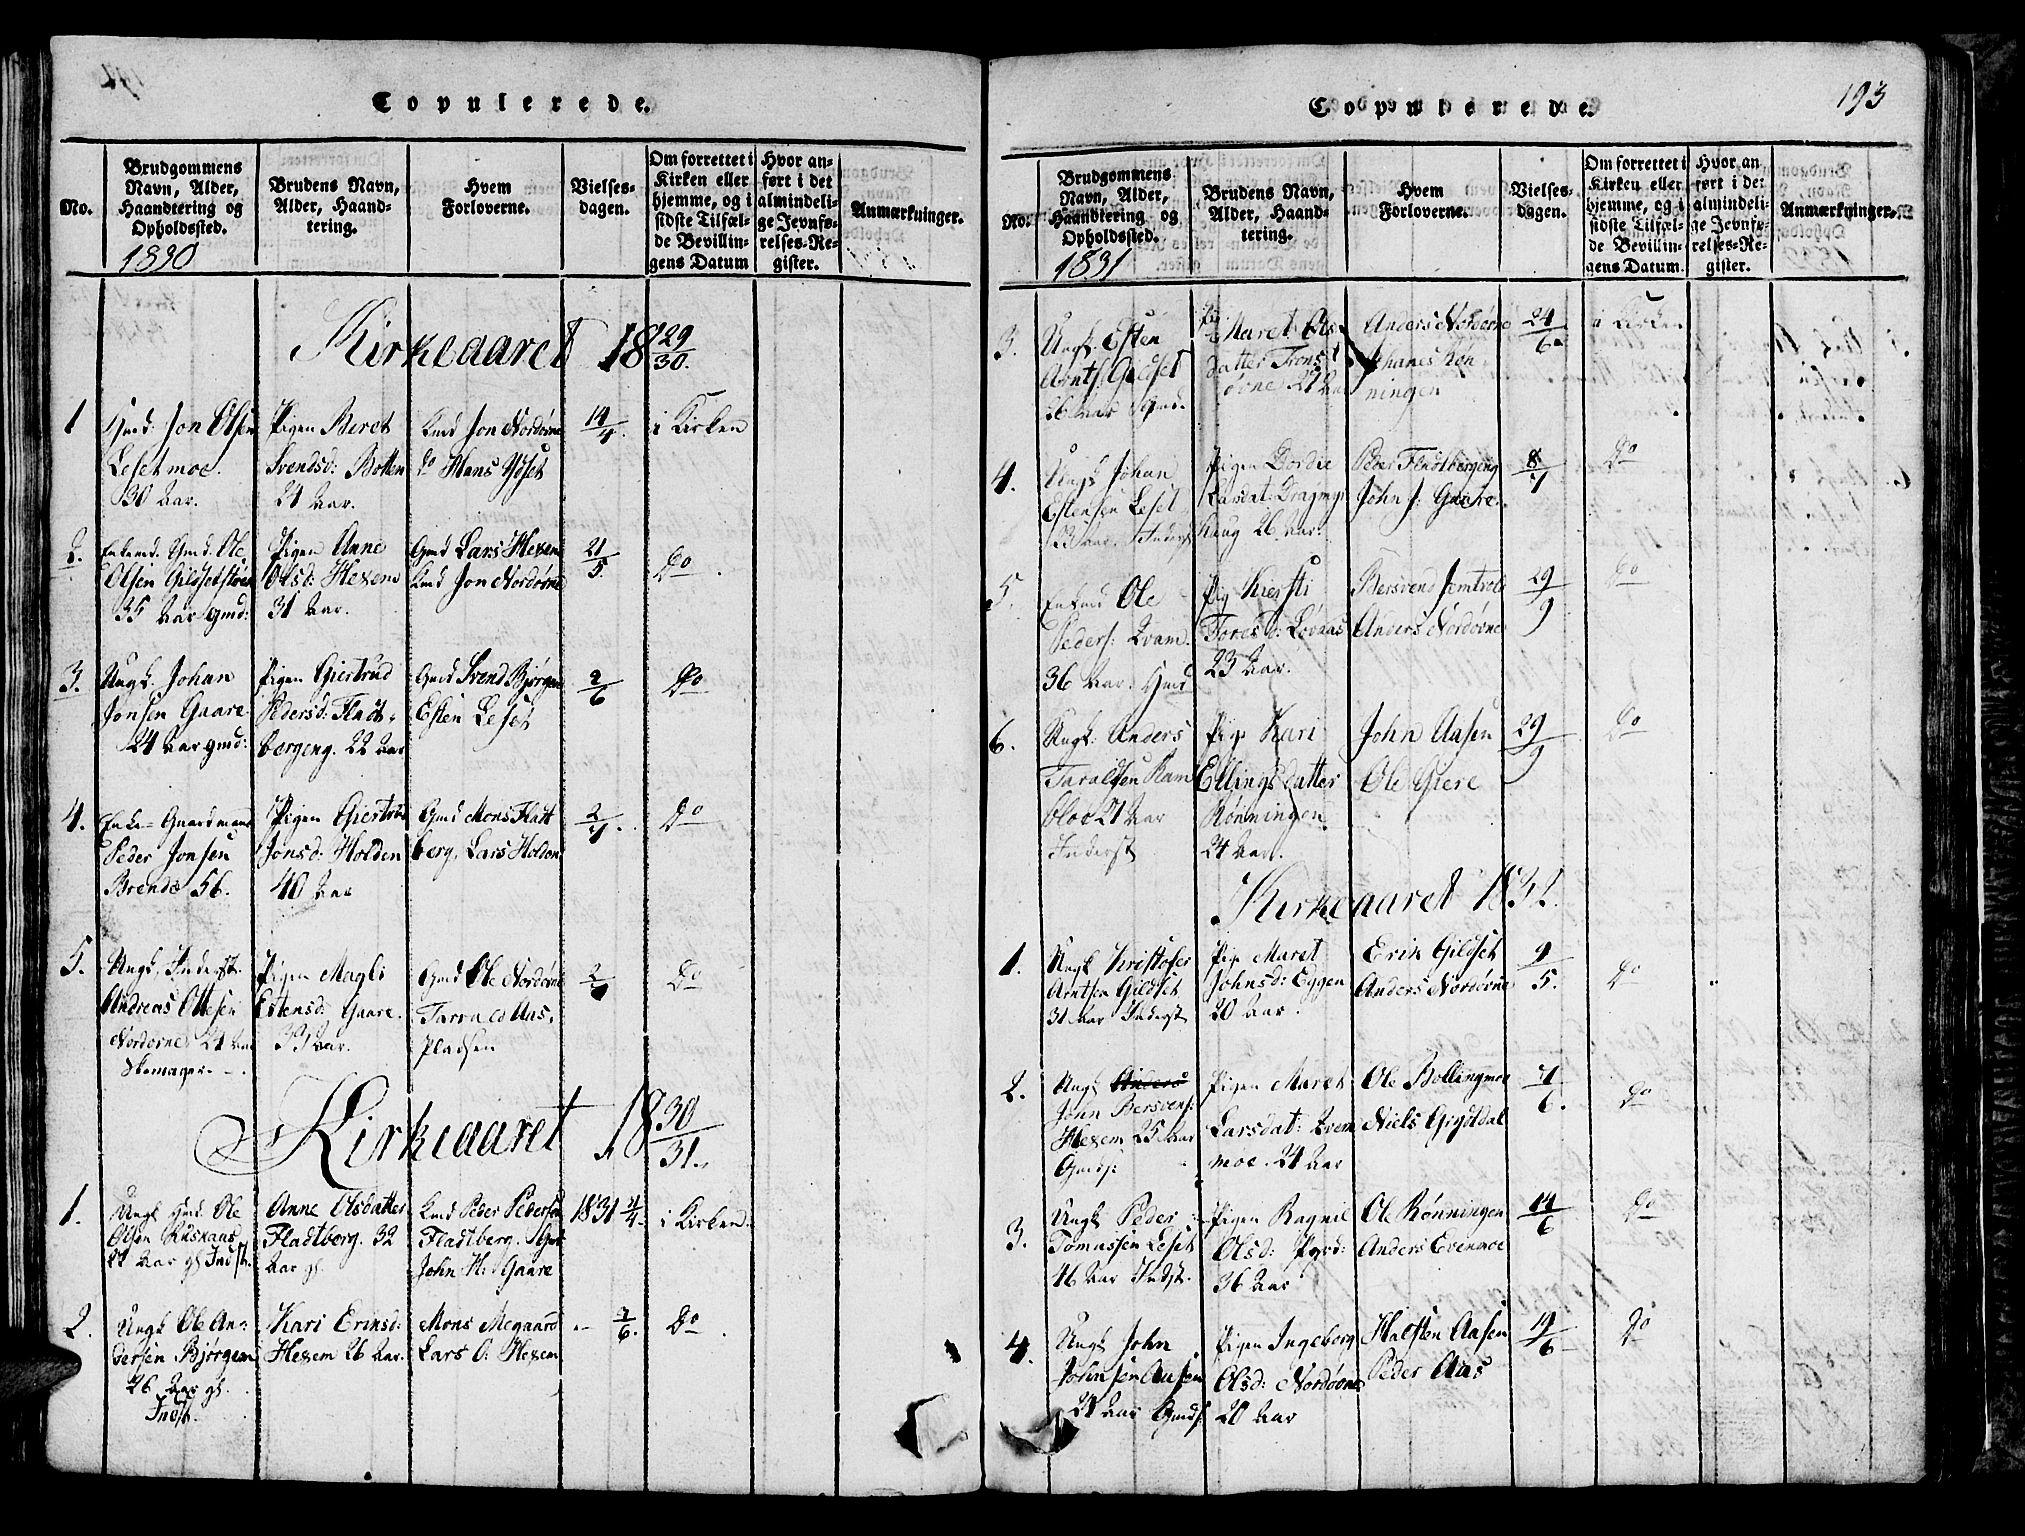 SAT, Ministerialprotokoller, klokkerbøker og fødselsregistre - Sør-Trøndelag, 685/L0976: Klokkerbok nr. 685C01, 1817-1878, s. 193